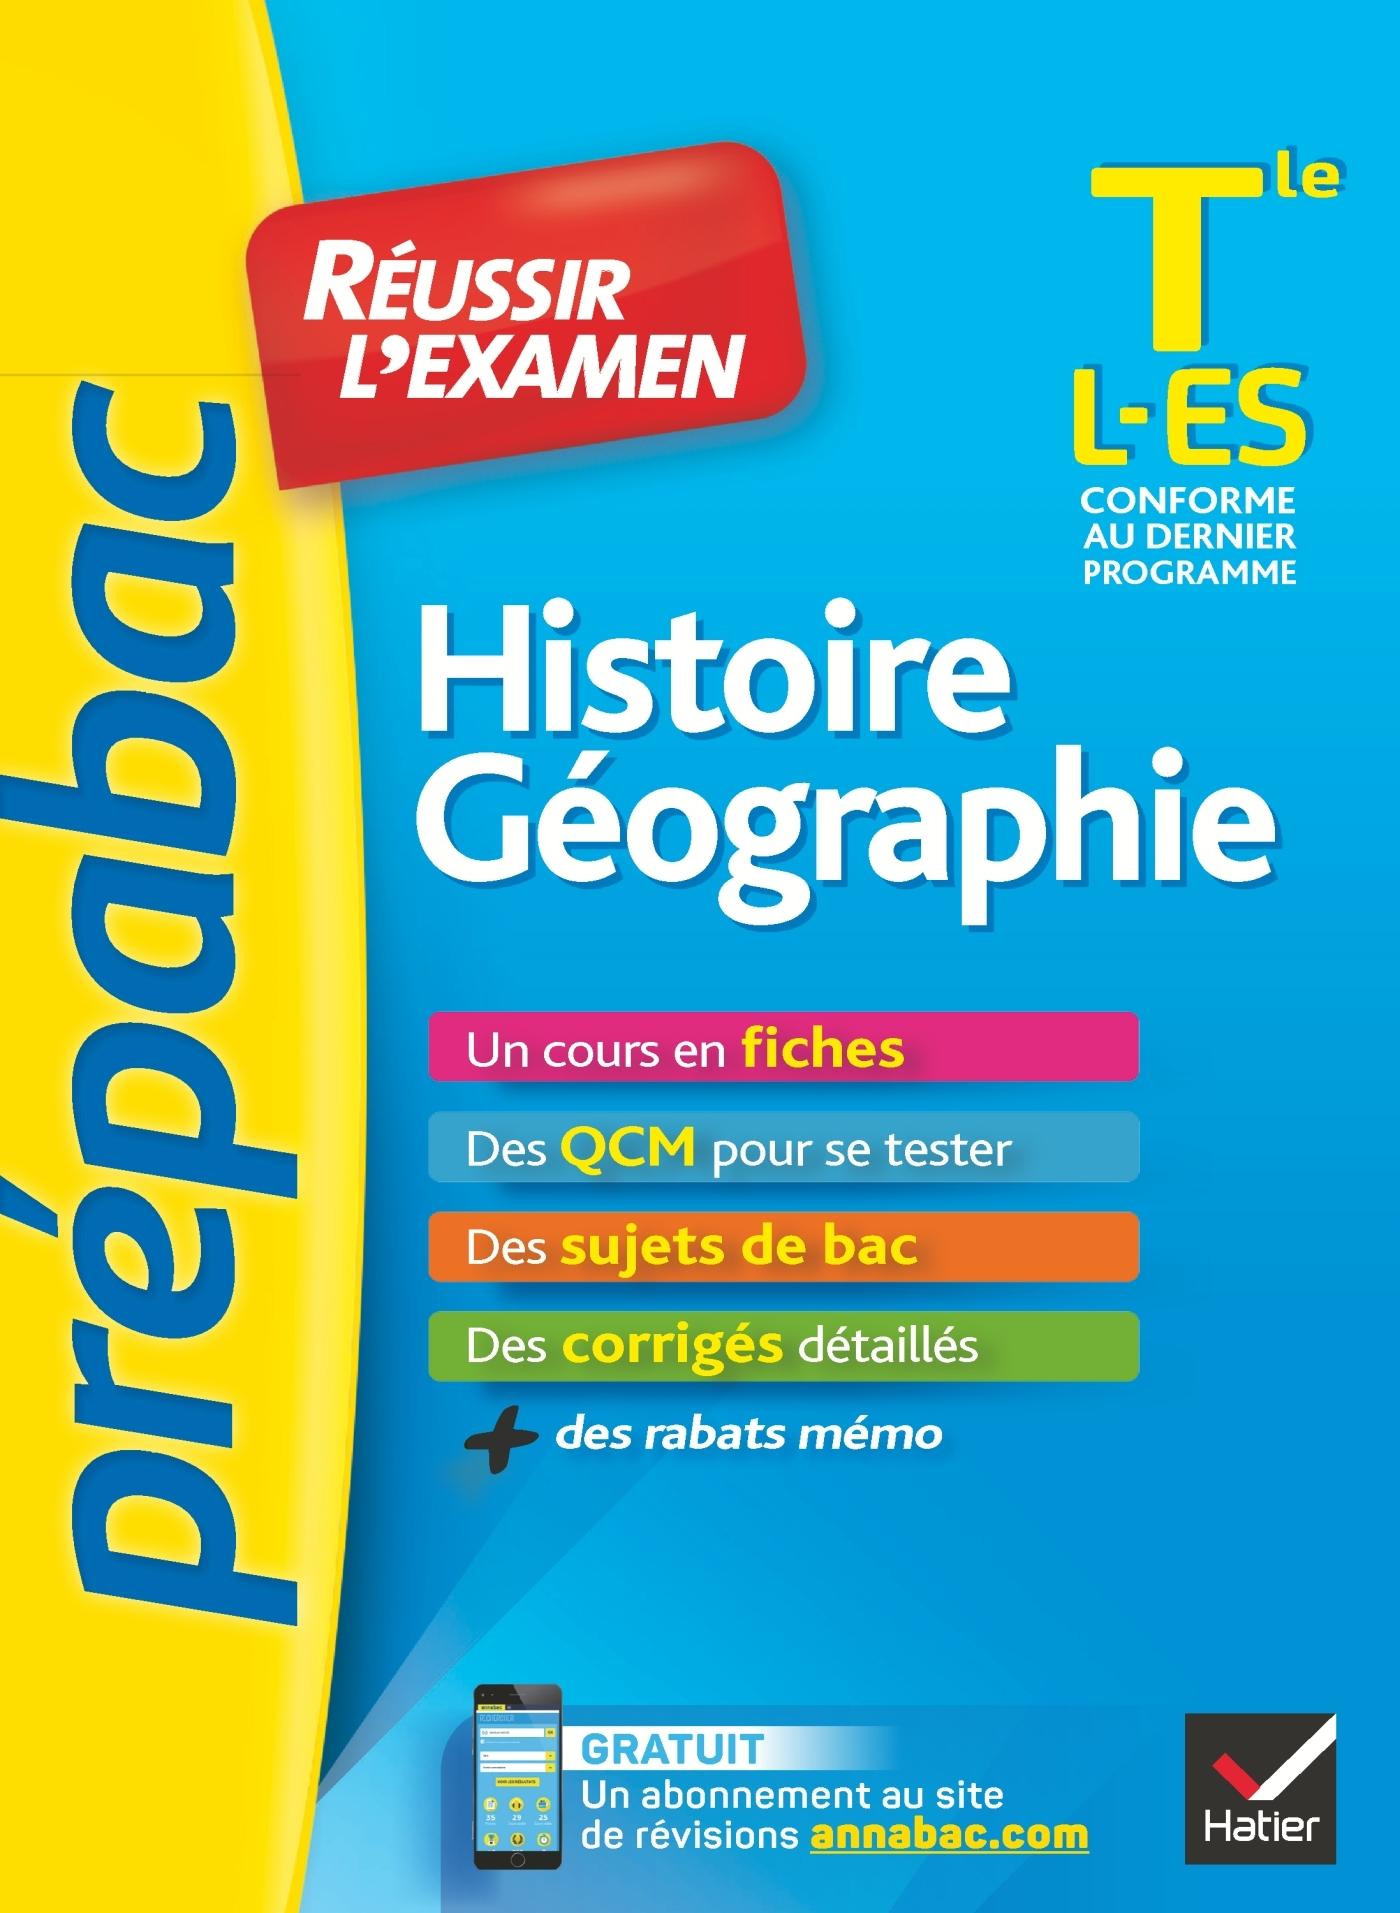 HISTOIRE-GEOGRAPHIE TLE L, ES - PREPABAC REUSSIR L'EXAMEN - FICHES DE COURS ET SUJETS DE BAC CORRIGE